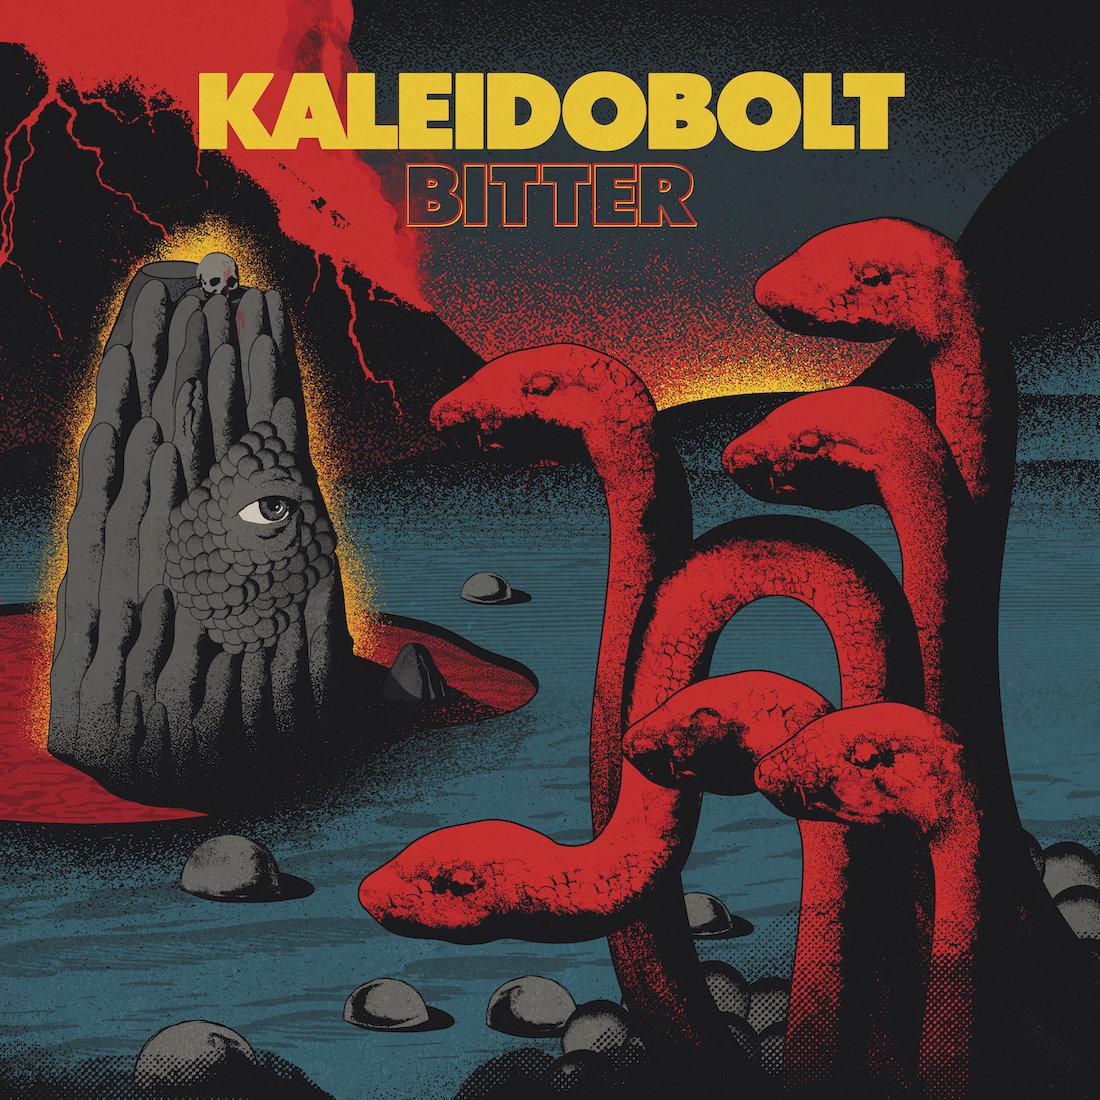 kaleidobolt bitter